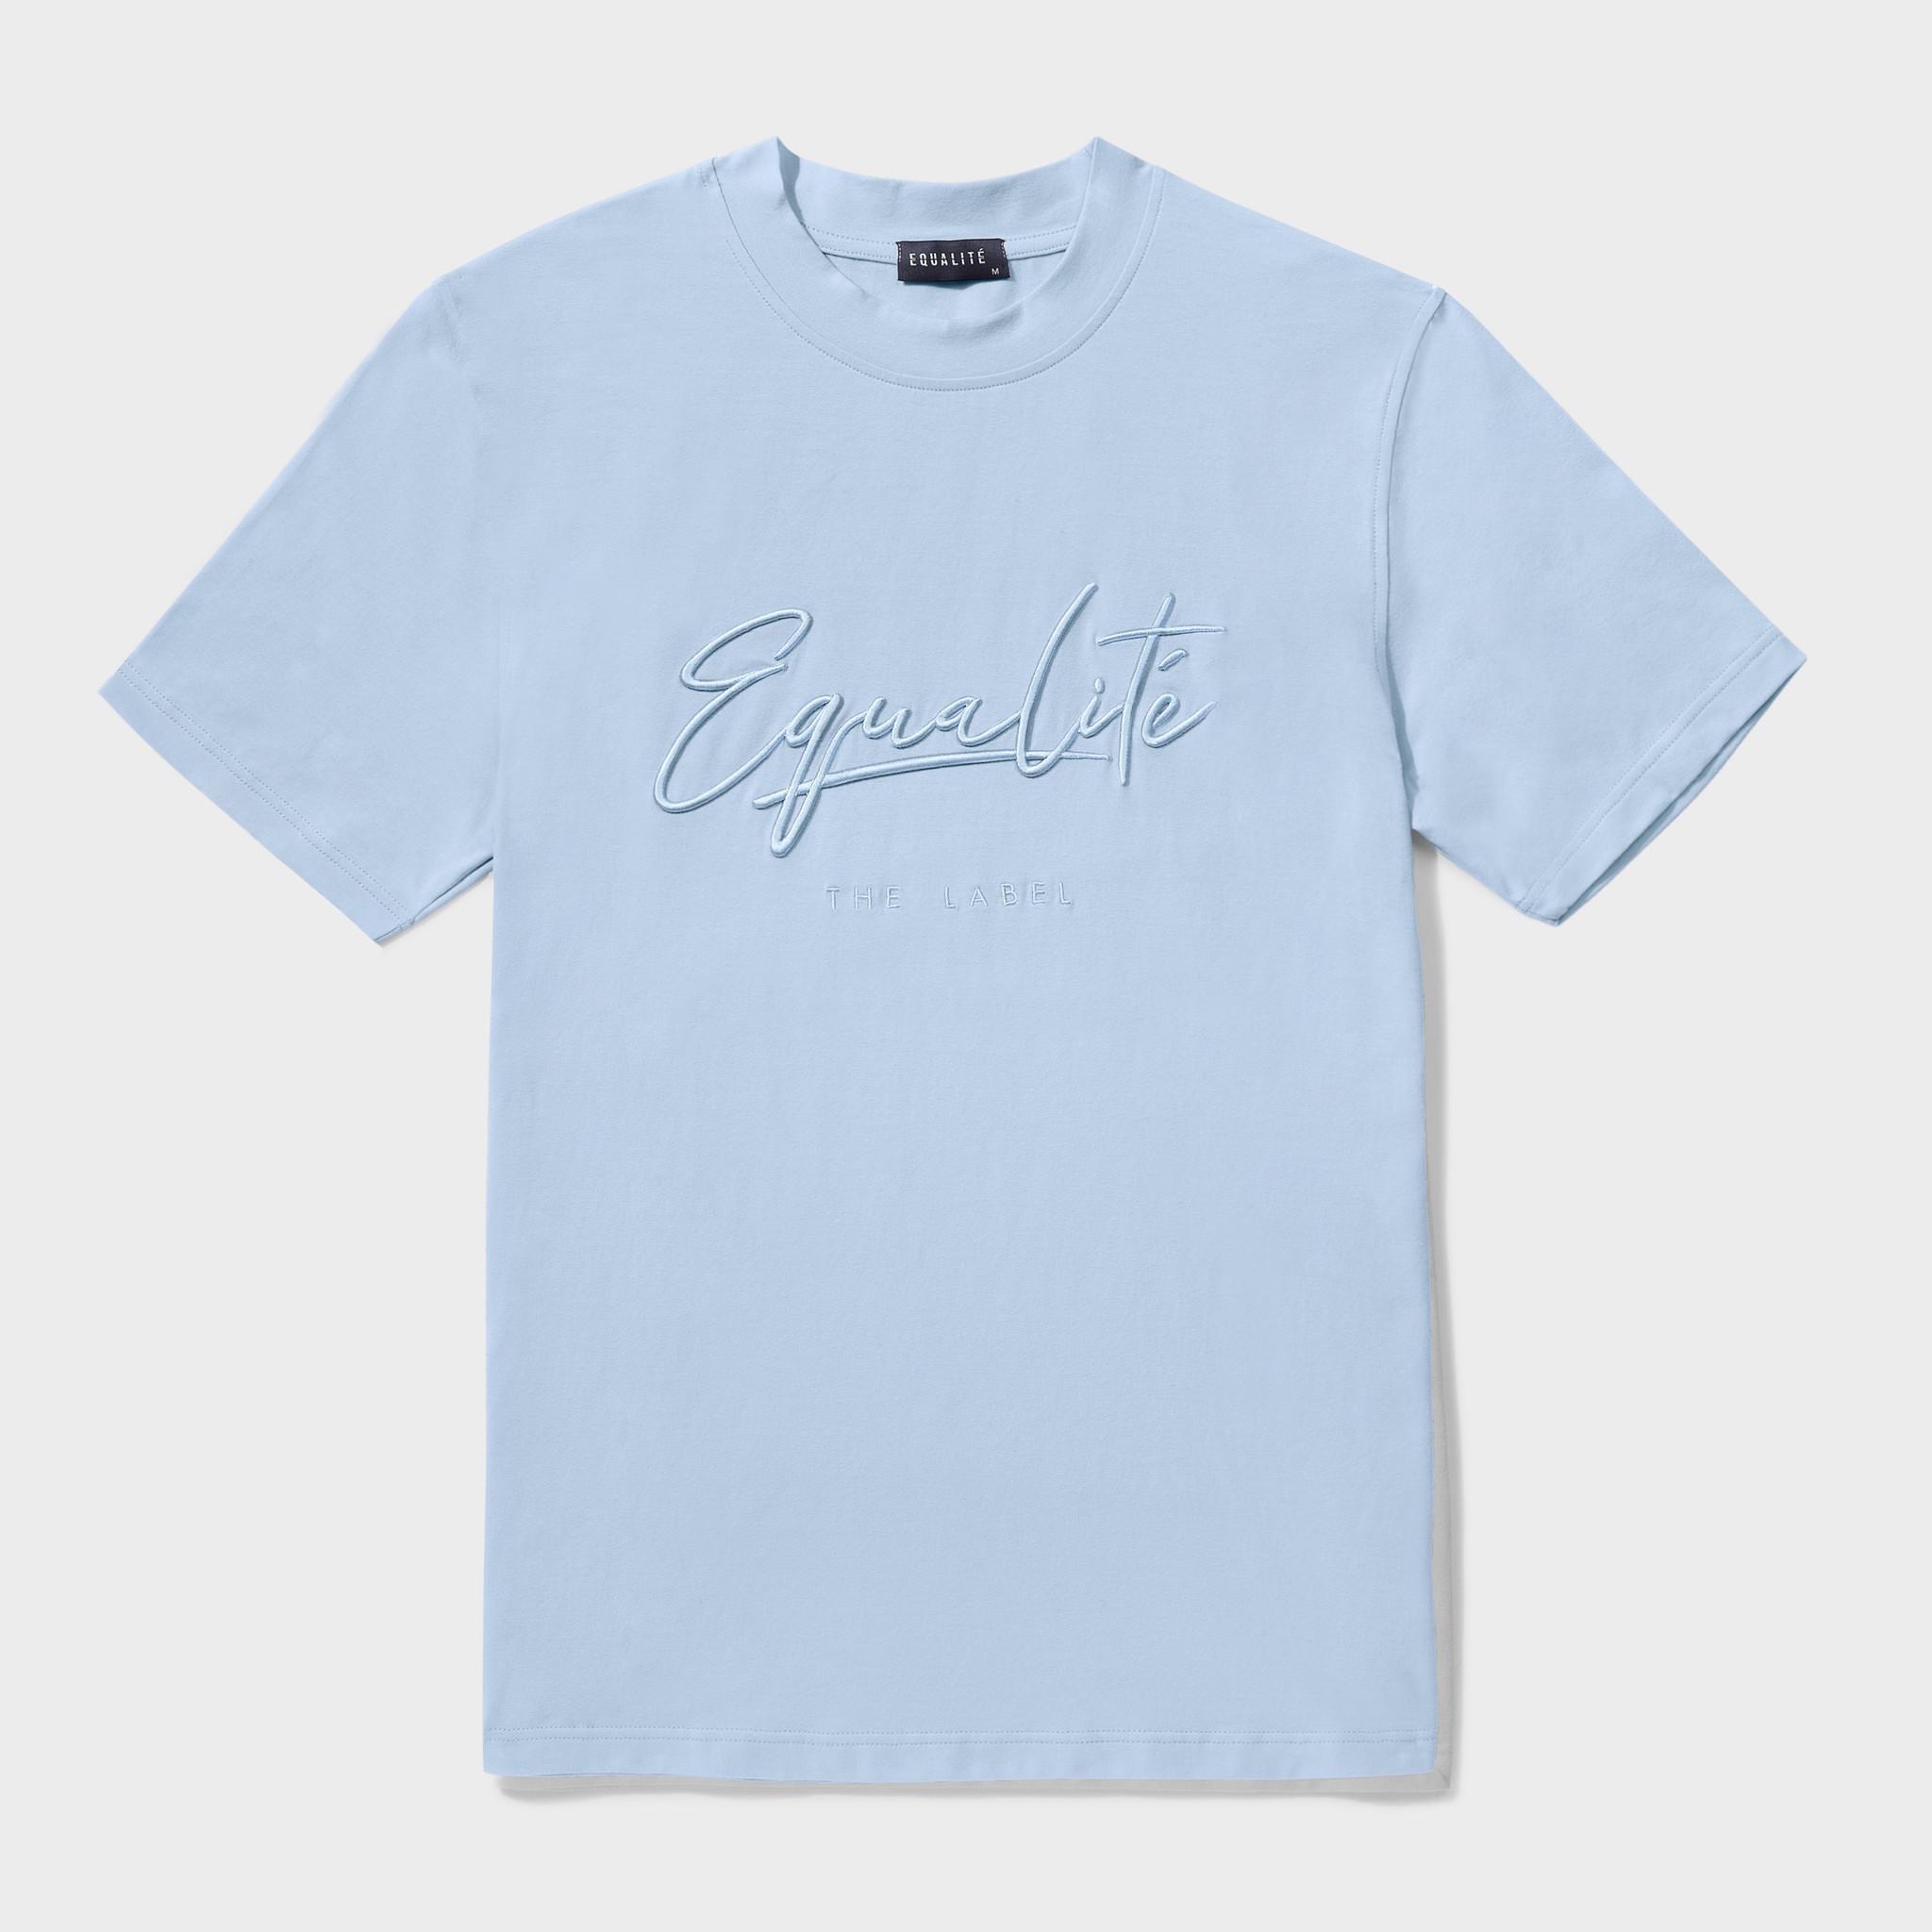 Wafi signature tee light blue-1